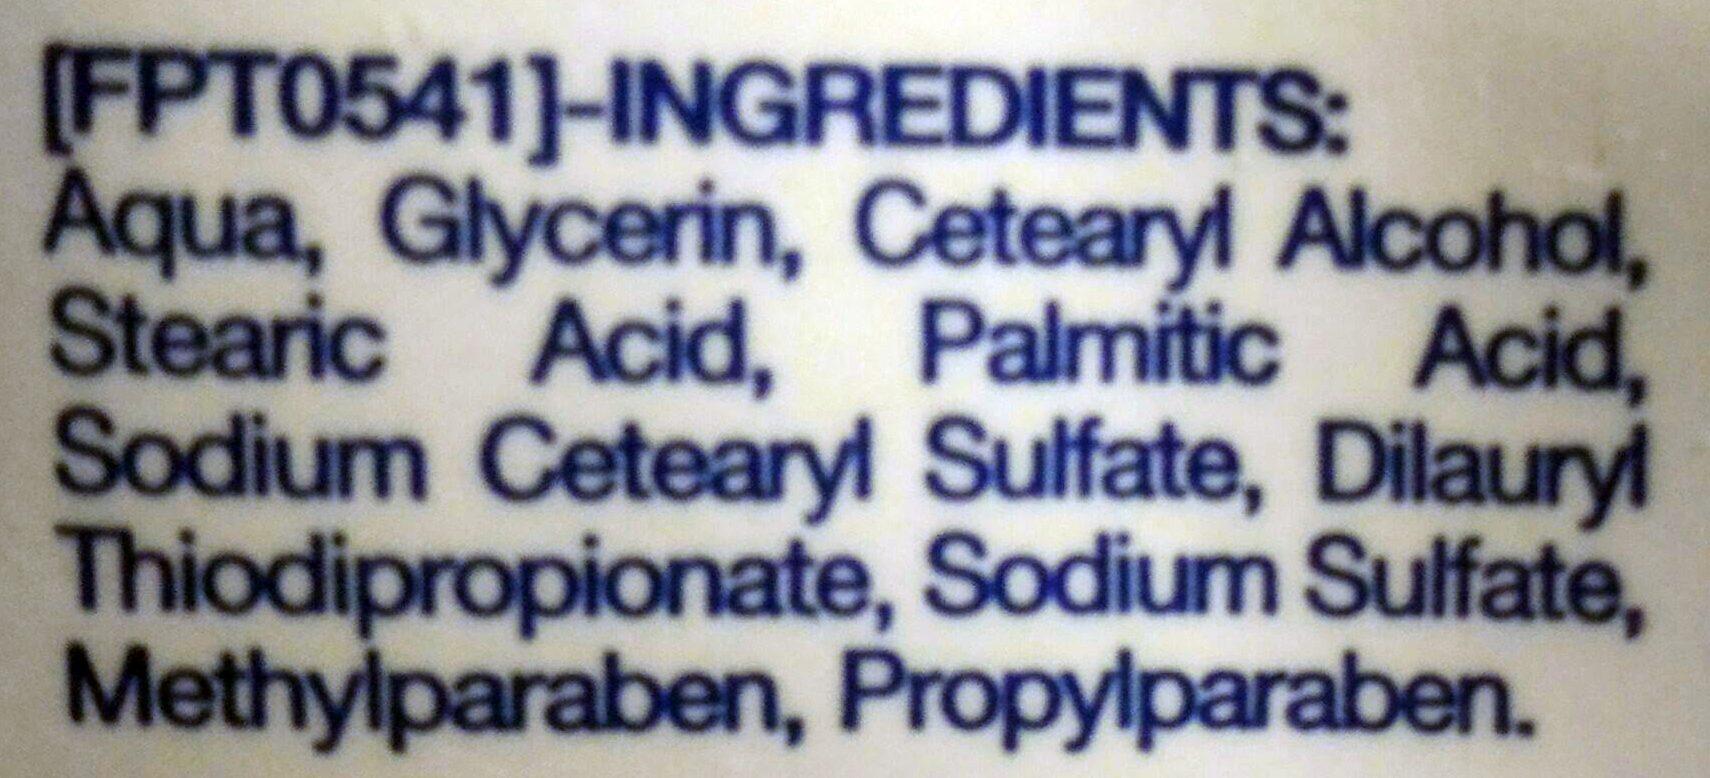 Neutrogena crème mains non parfumée - Ingrédients - fr